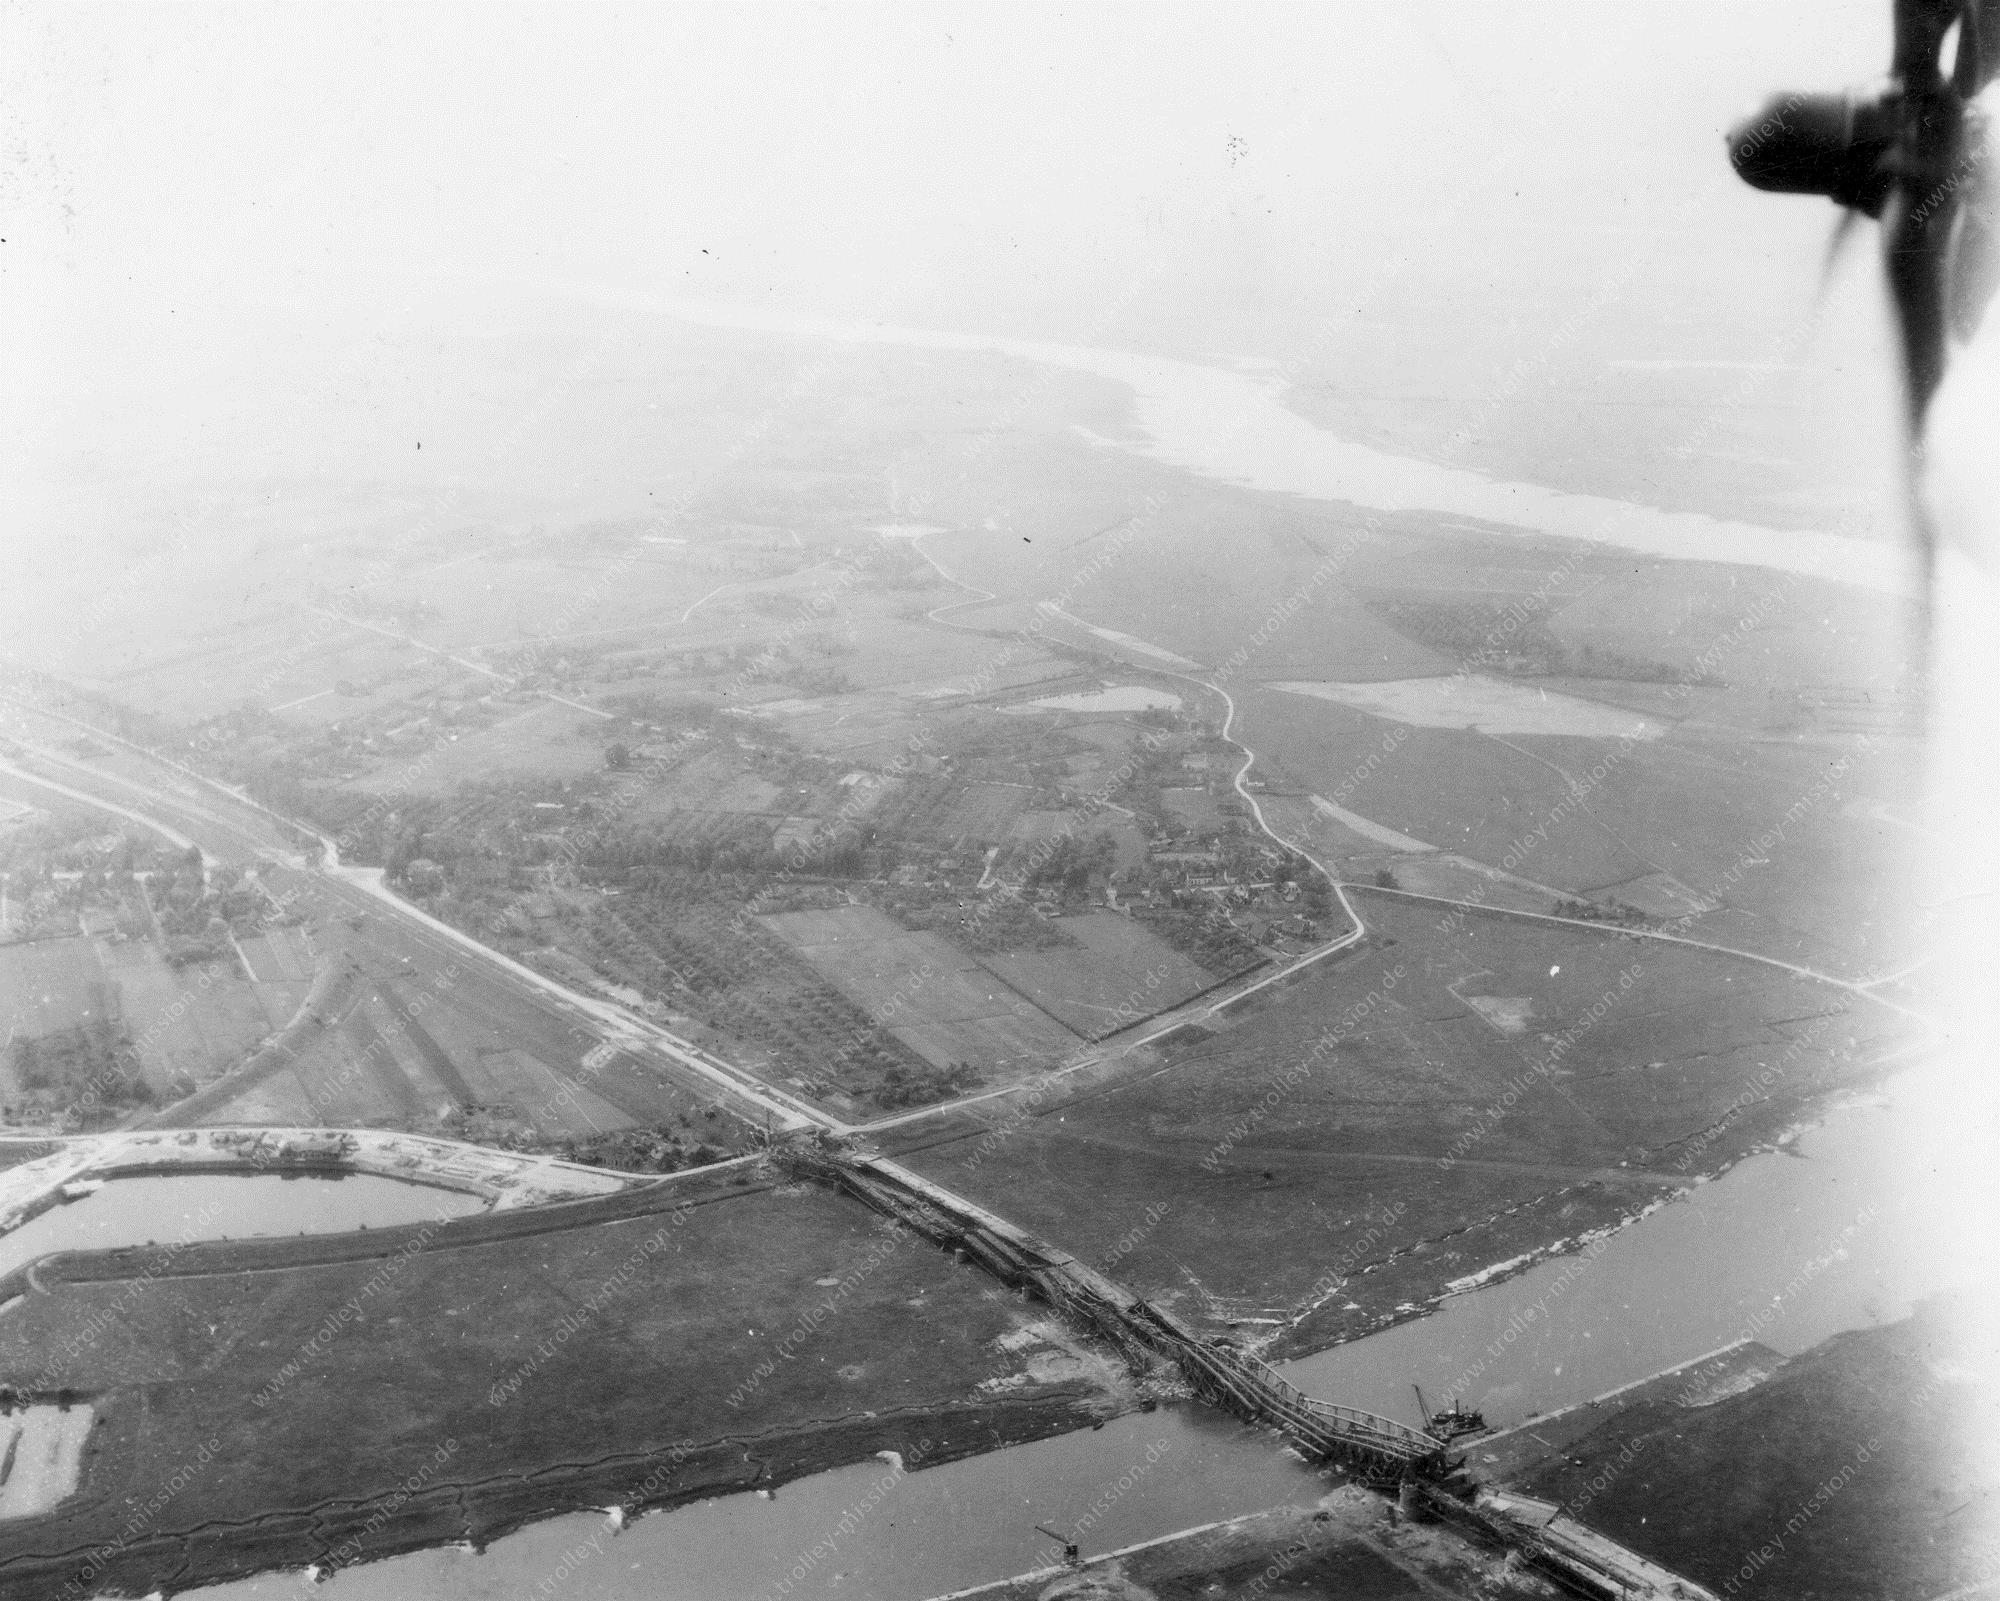 Arnheim Luftbild - Eisenbahnbrücke Ijssel - Weltkrieg (Niederlande)